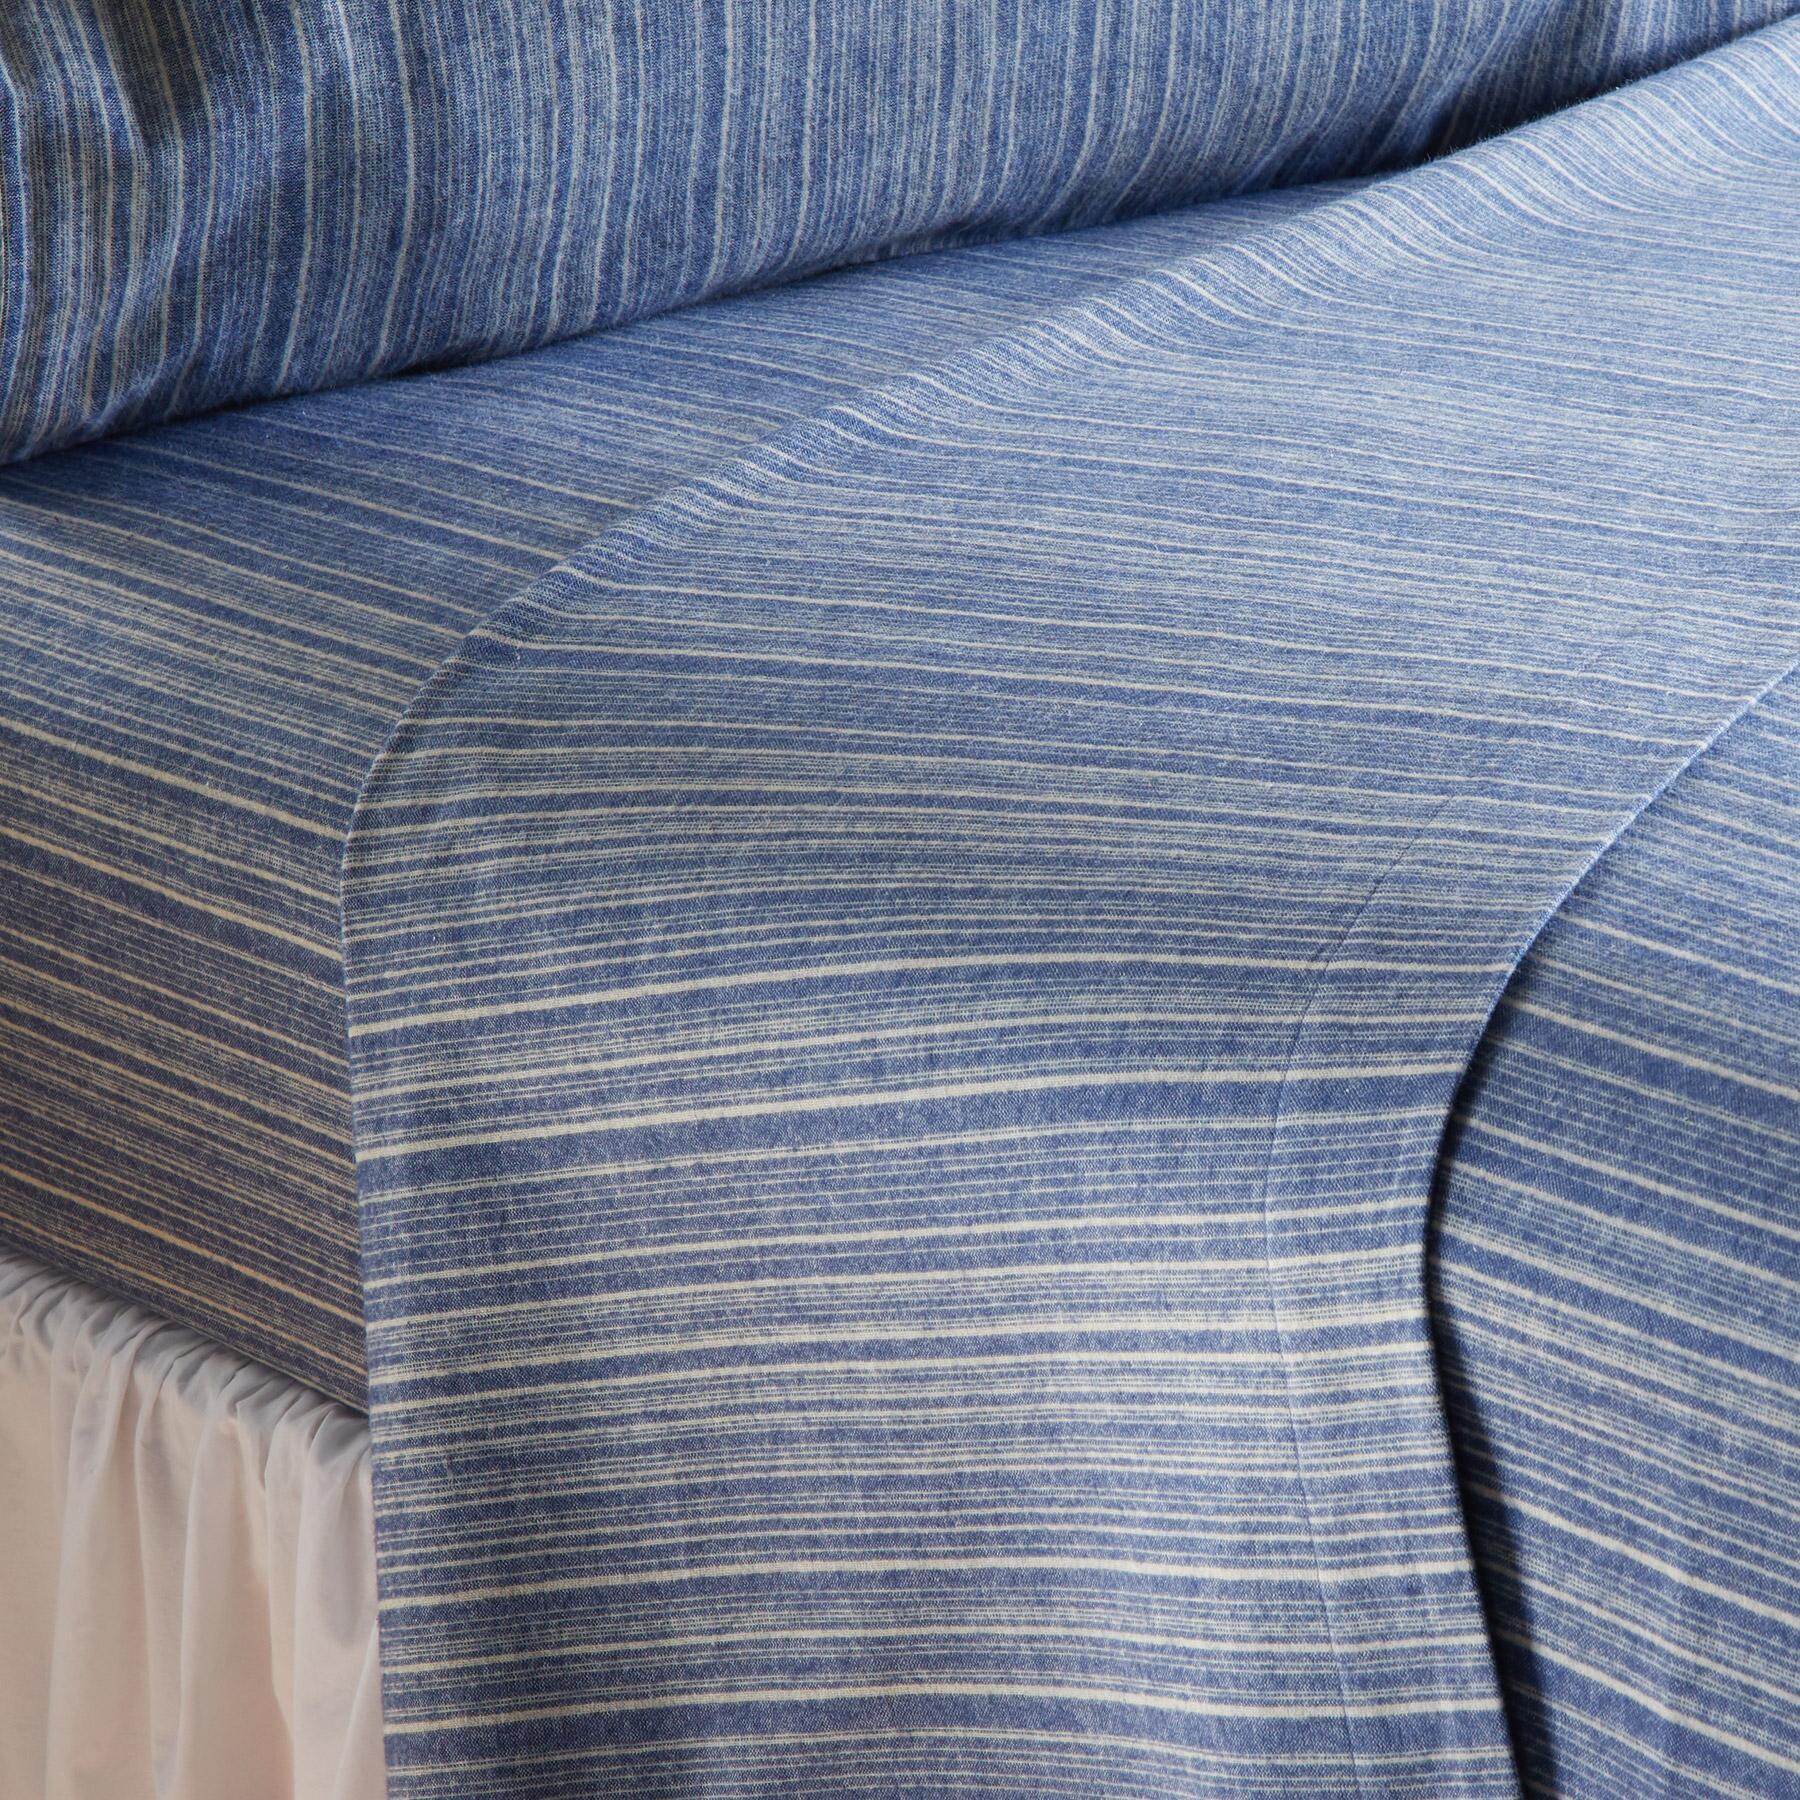 CHADWICK FLANNEL SHEET SET: View 1